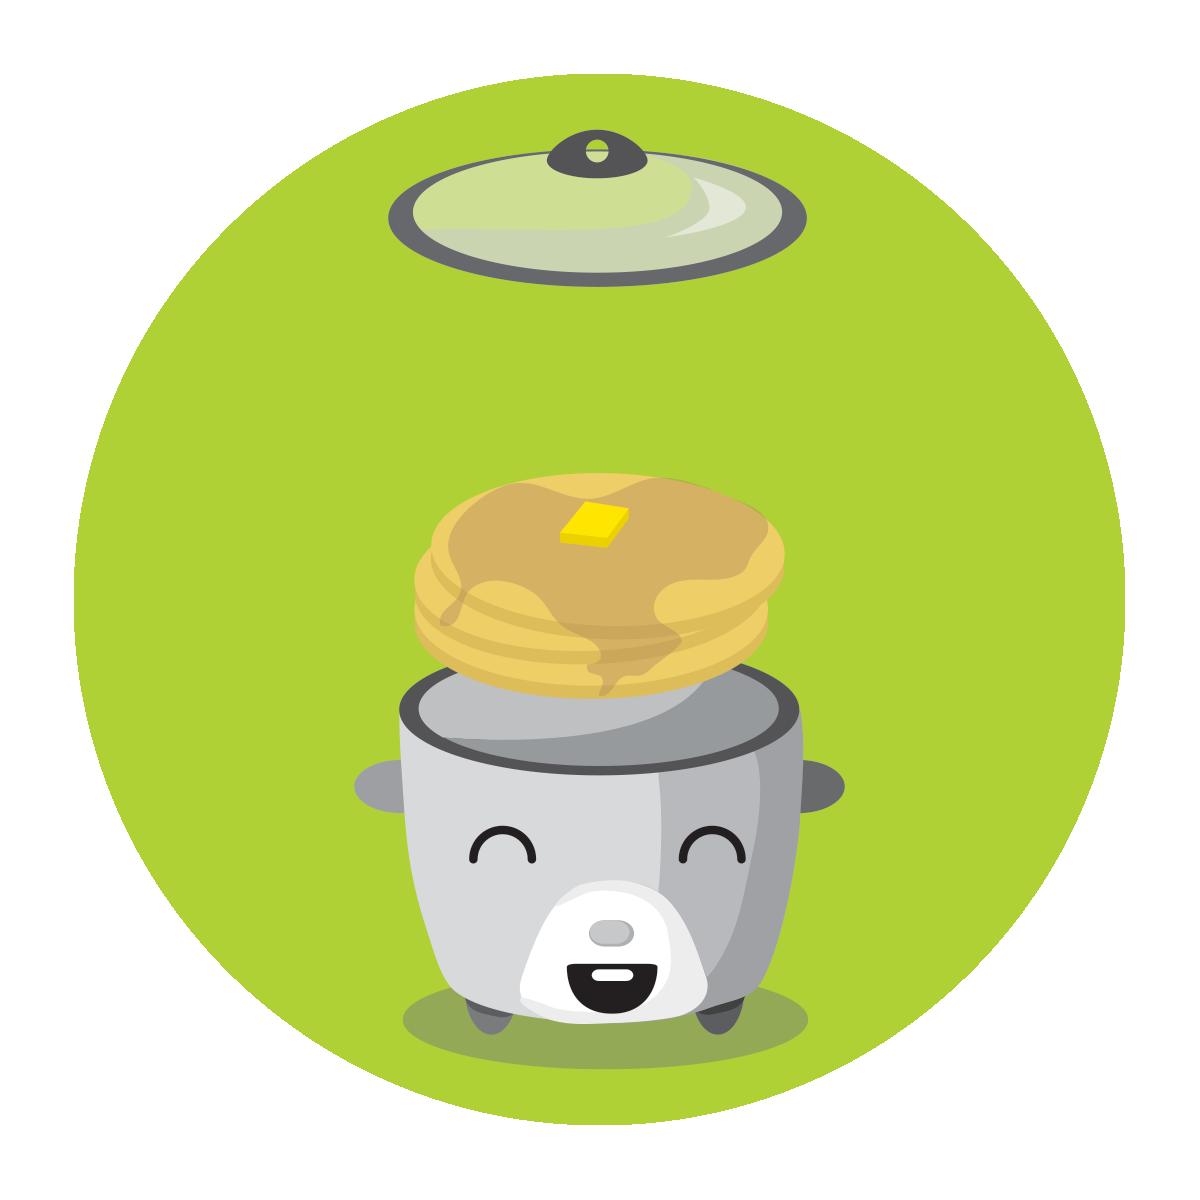 ricecooker_pancakes